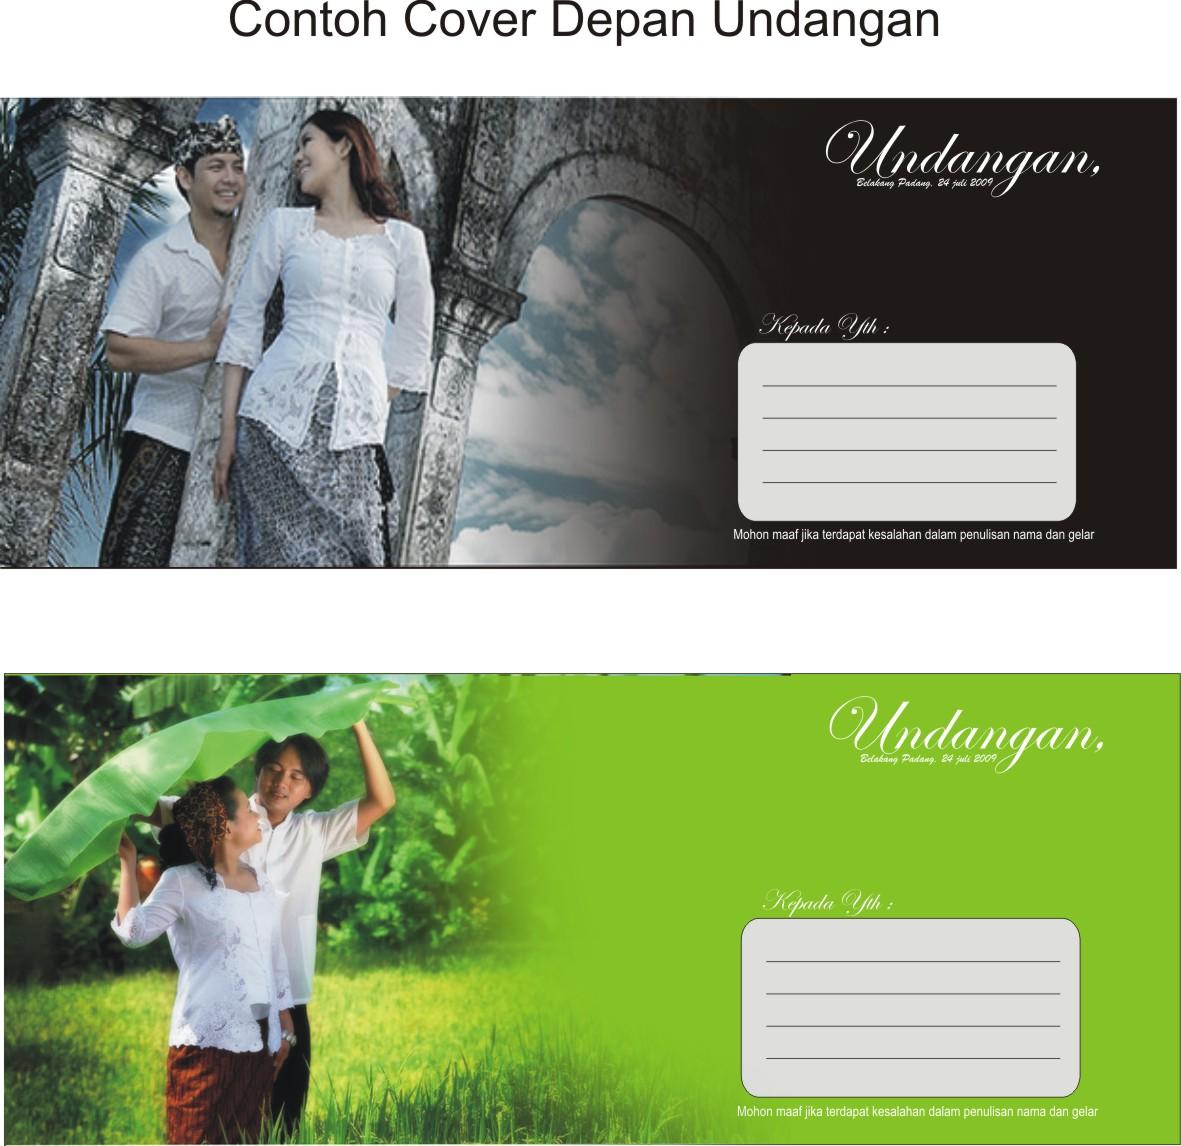 Contoh Undangan Pernikahan | Contoh Kartu Design Undangan Pernikahan